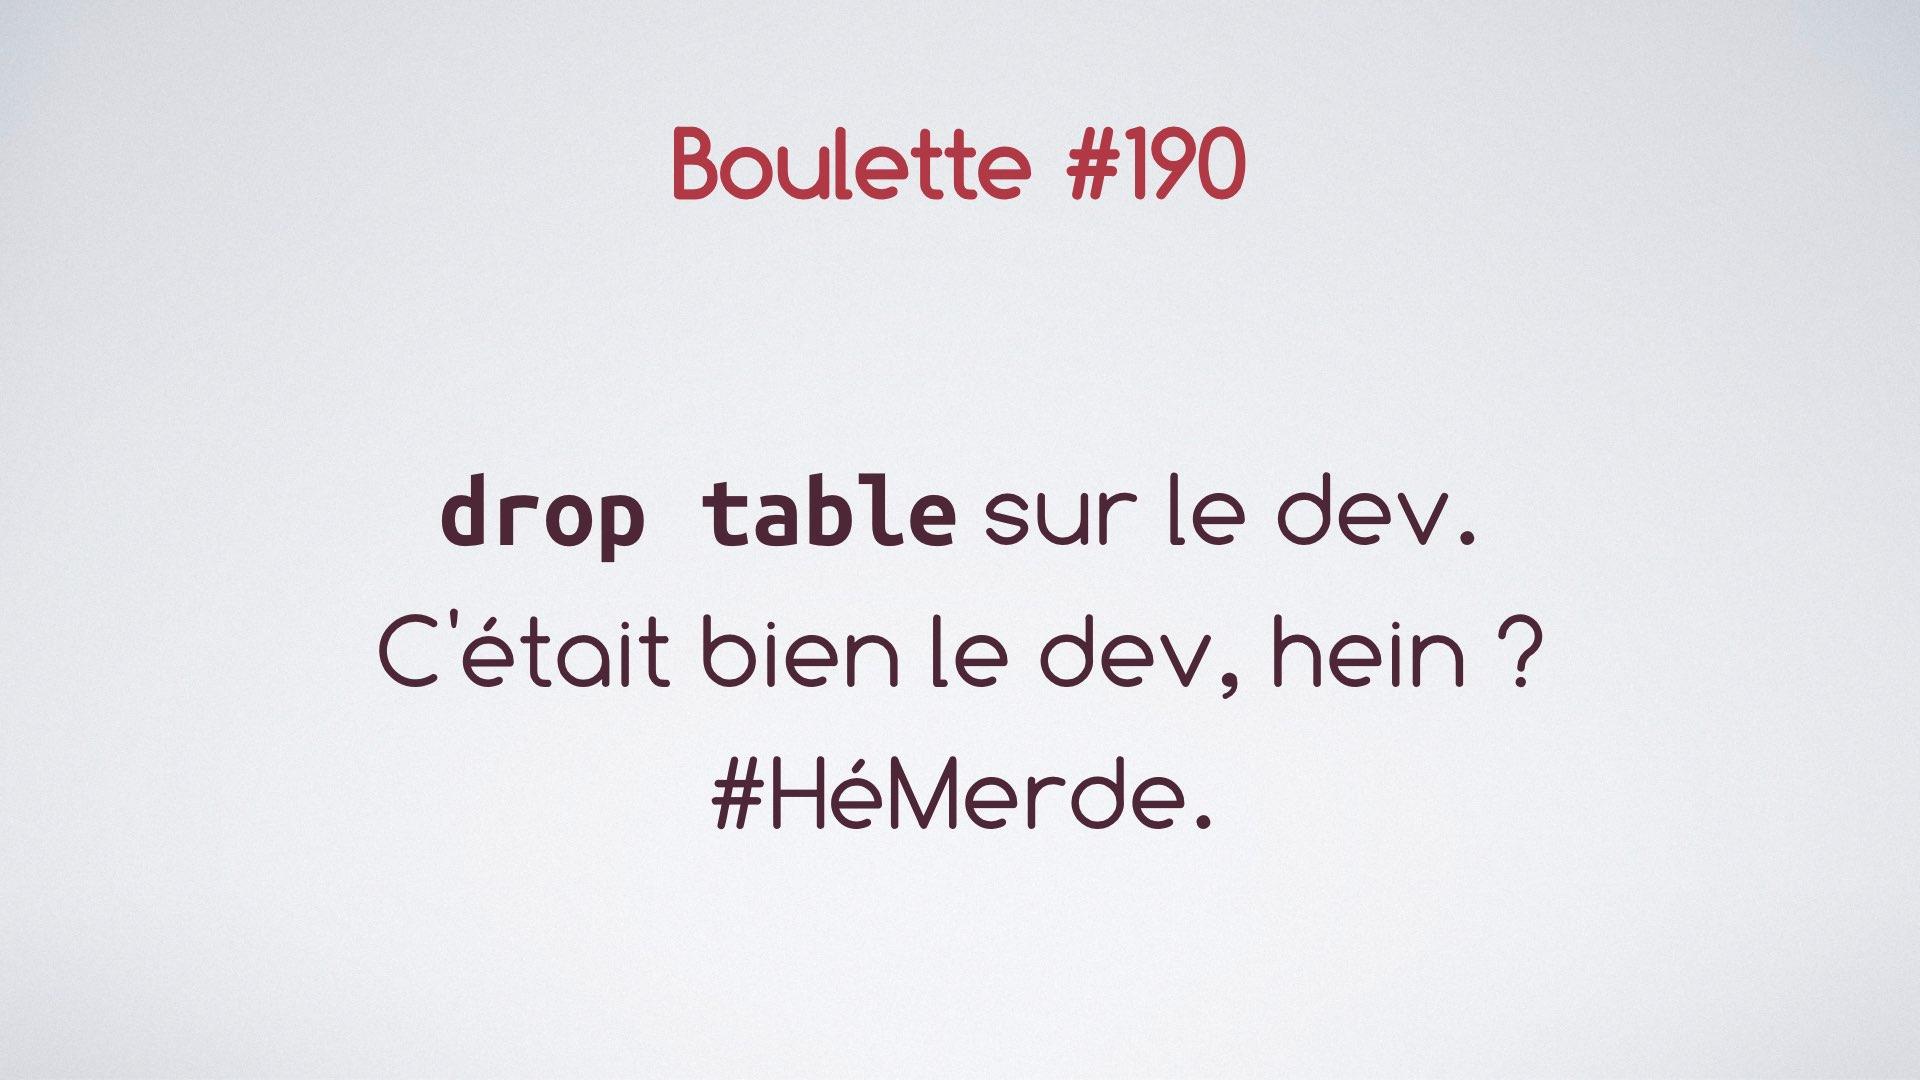 La diapo dit 'drop table sur le dev. C'était bien le dev, hein ? #héMerde'